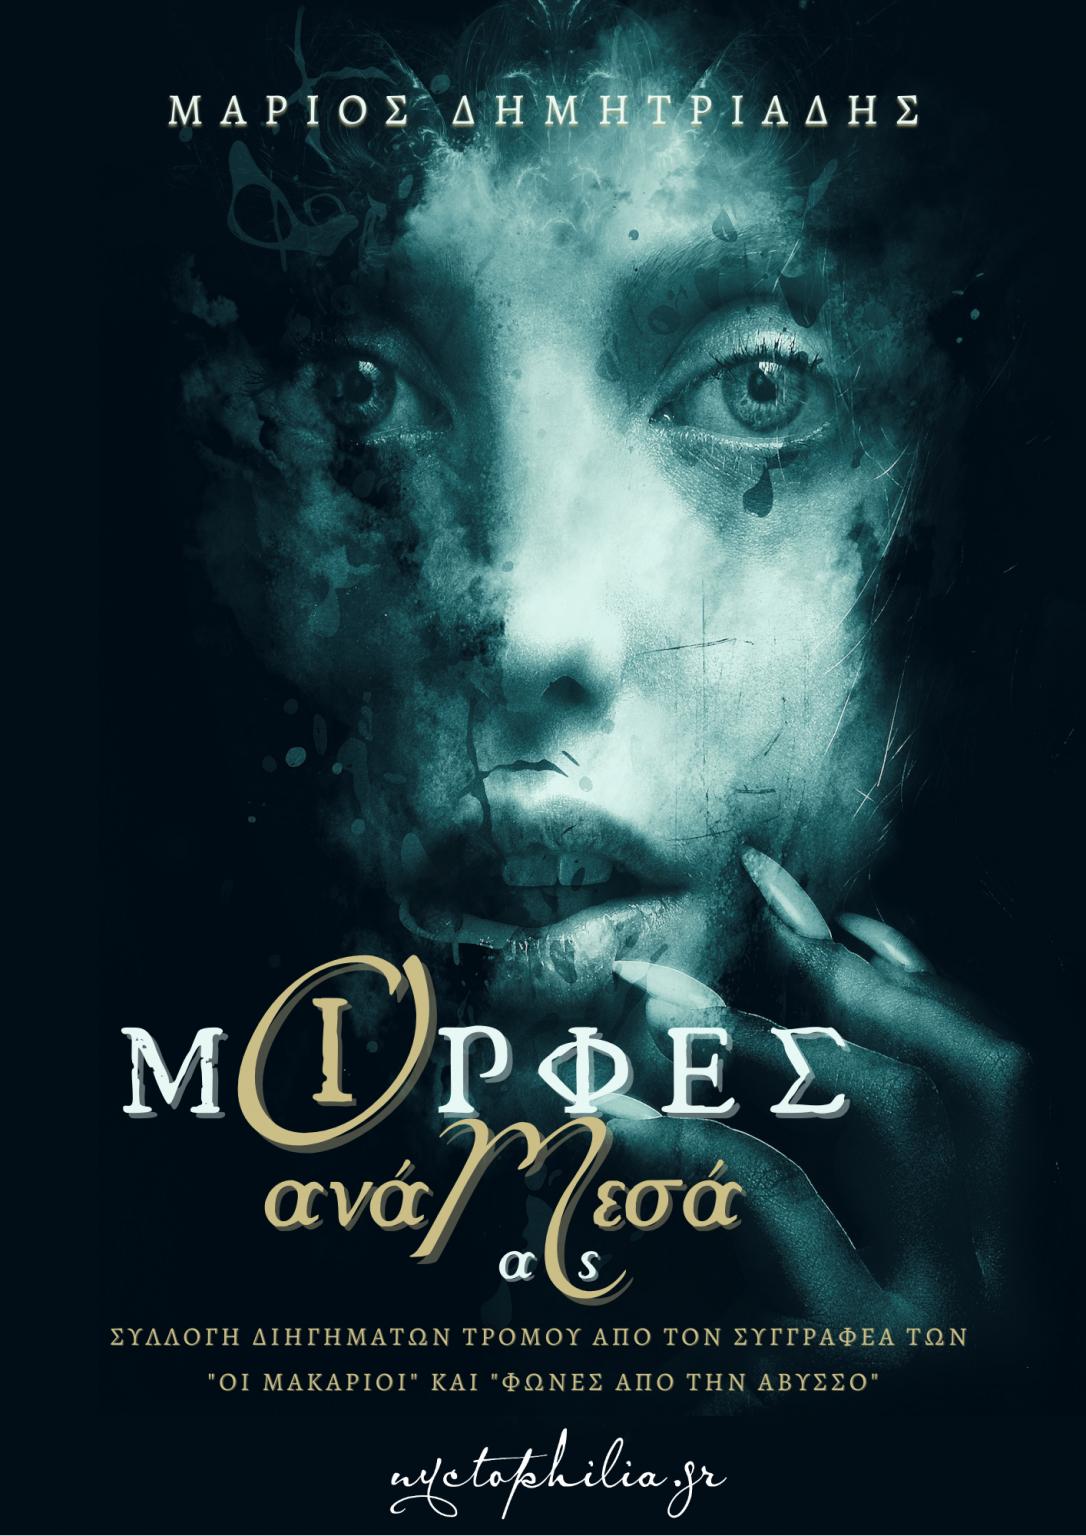 """Book Cover: """"Οι μορφές ανάμεσά μας"""" του Μάριου Δημητριάδη"""